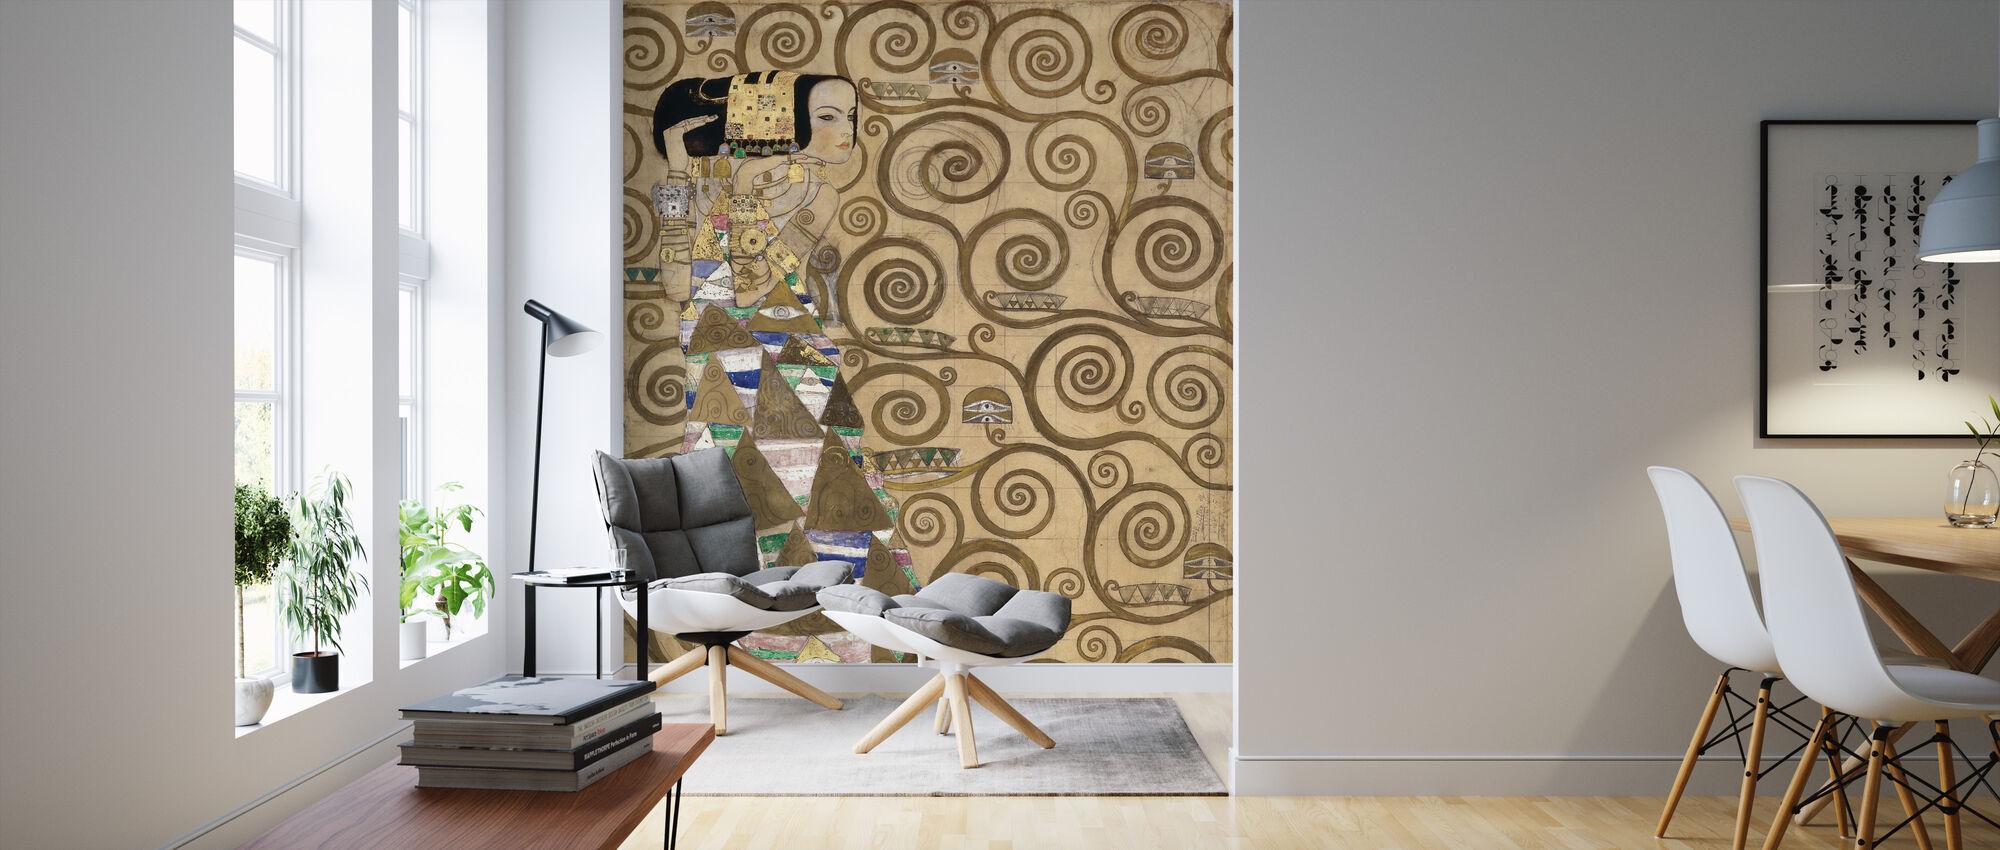 Verwachting - Gustav Klimt - Behang - Woonkamer